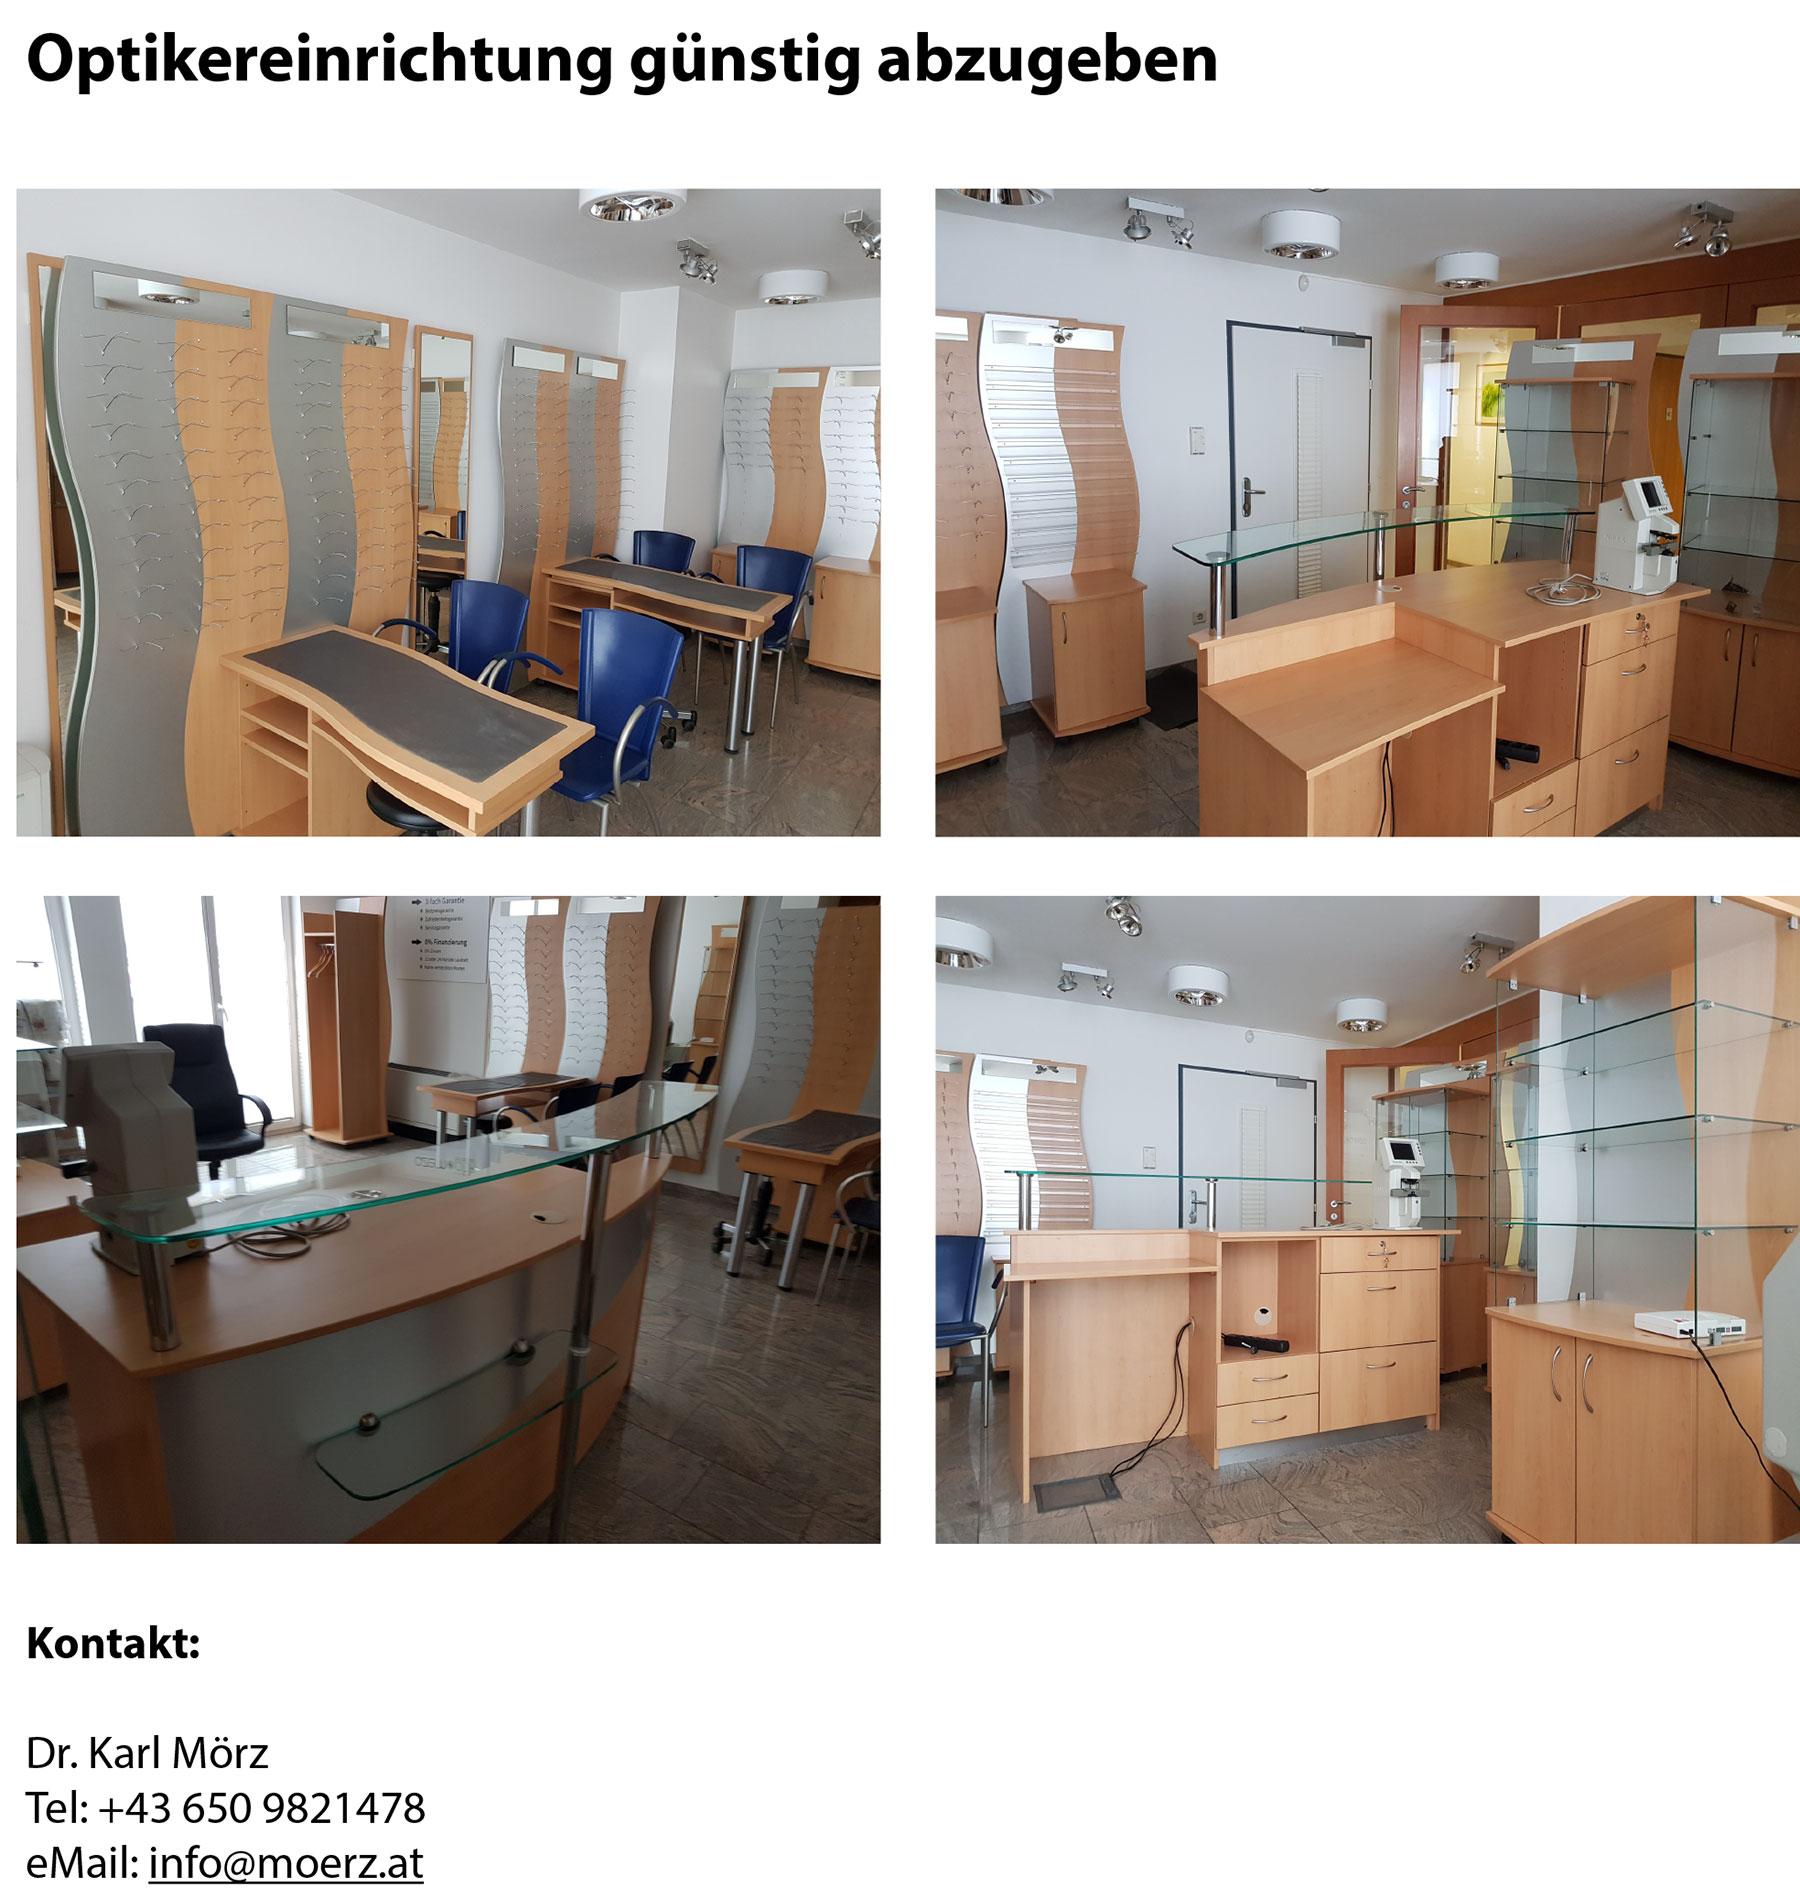 20191023 Optikereinrichtung Dr. Mörz